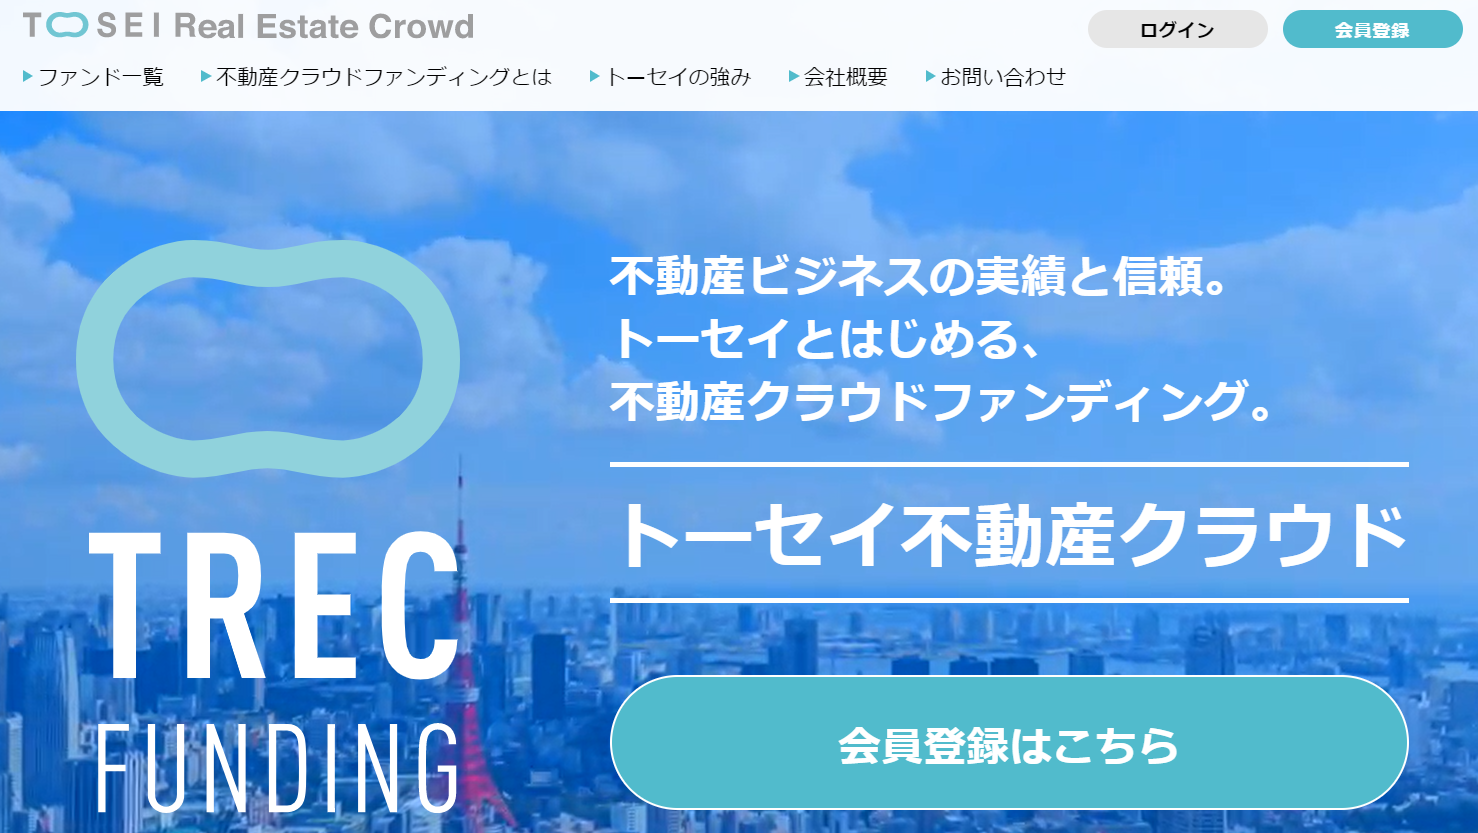 「TREC FUNDING」第1号ファンド 約40分で即時完売!